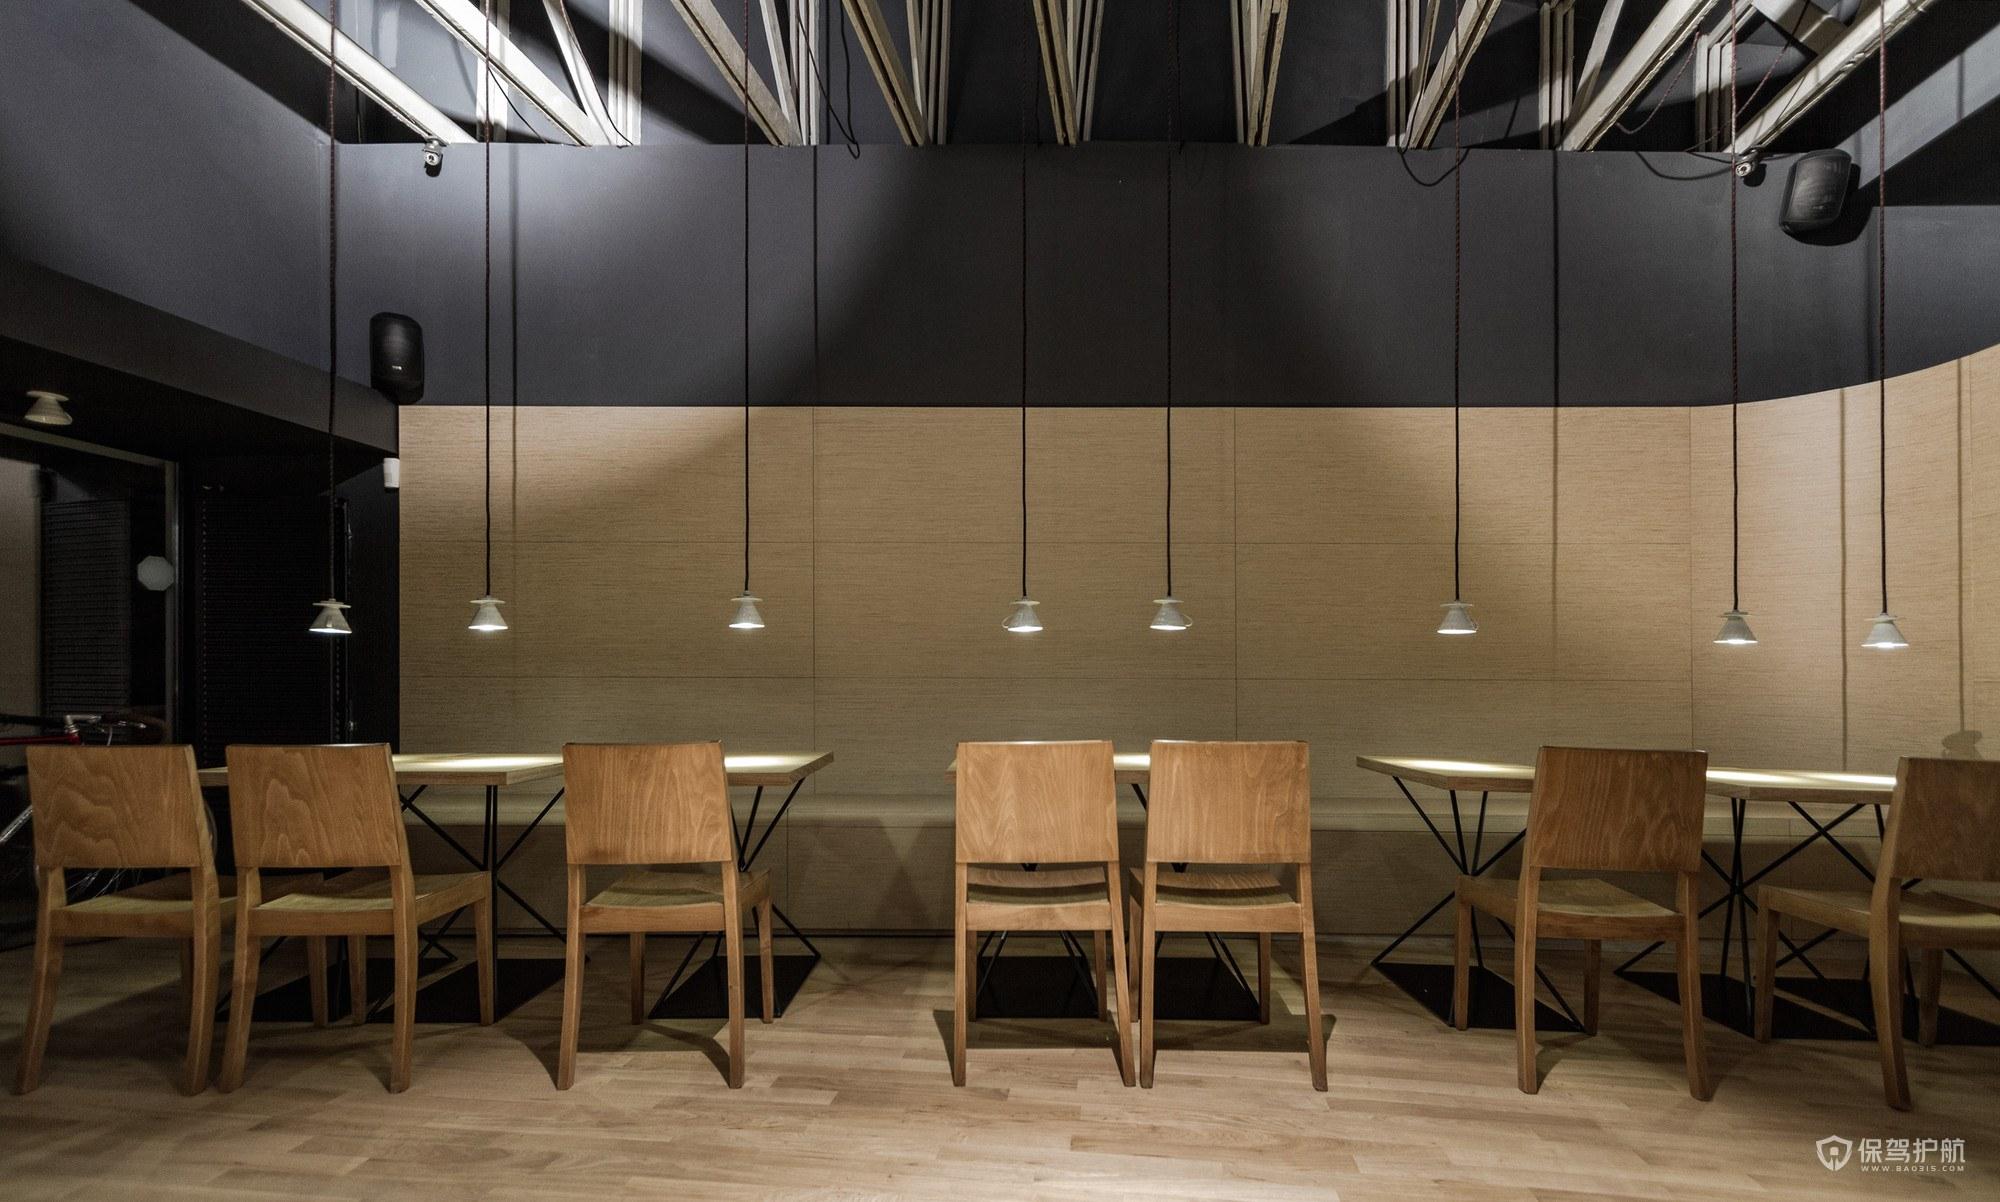 优雅古典风咖啡馆桌椅效果